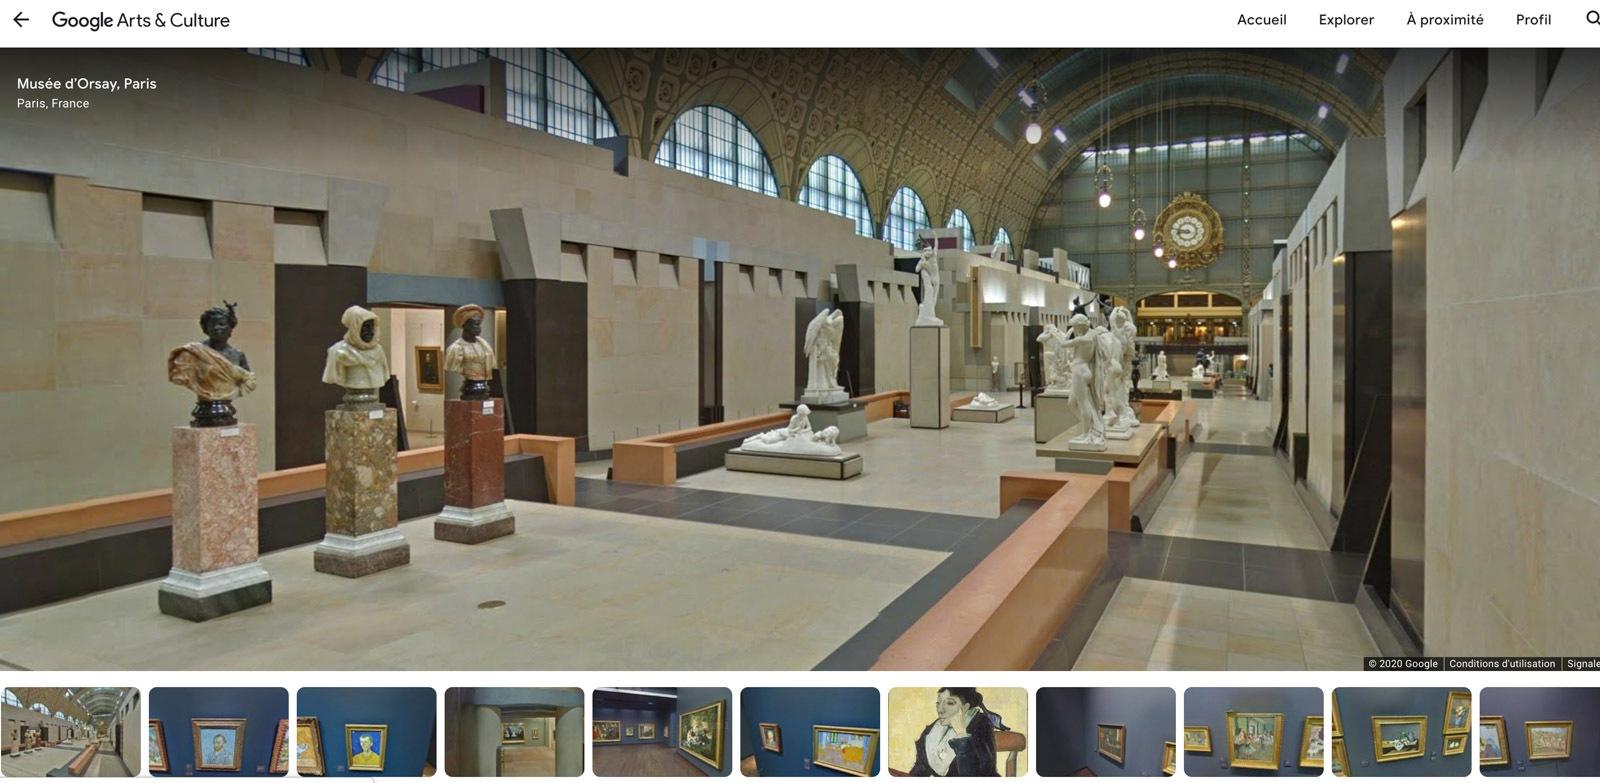 Reprodução do site do Museu d'Orsay no Google Arts & Culture.